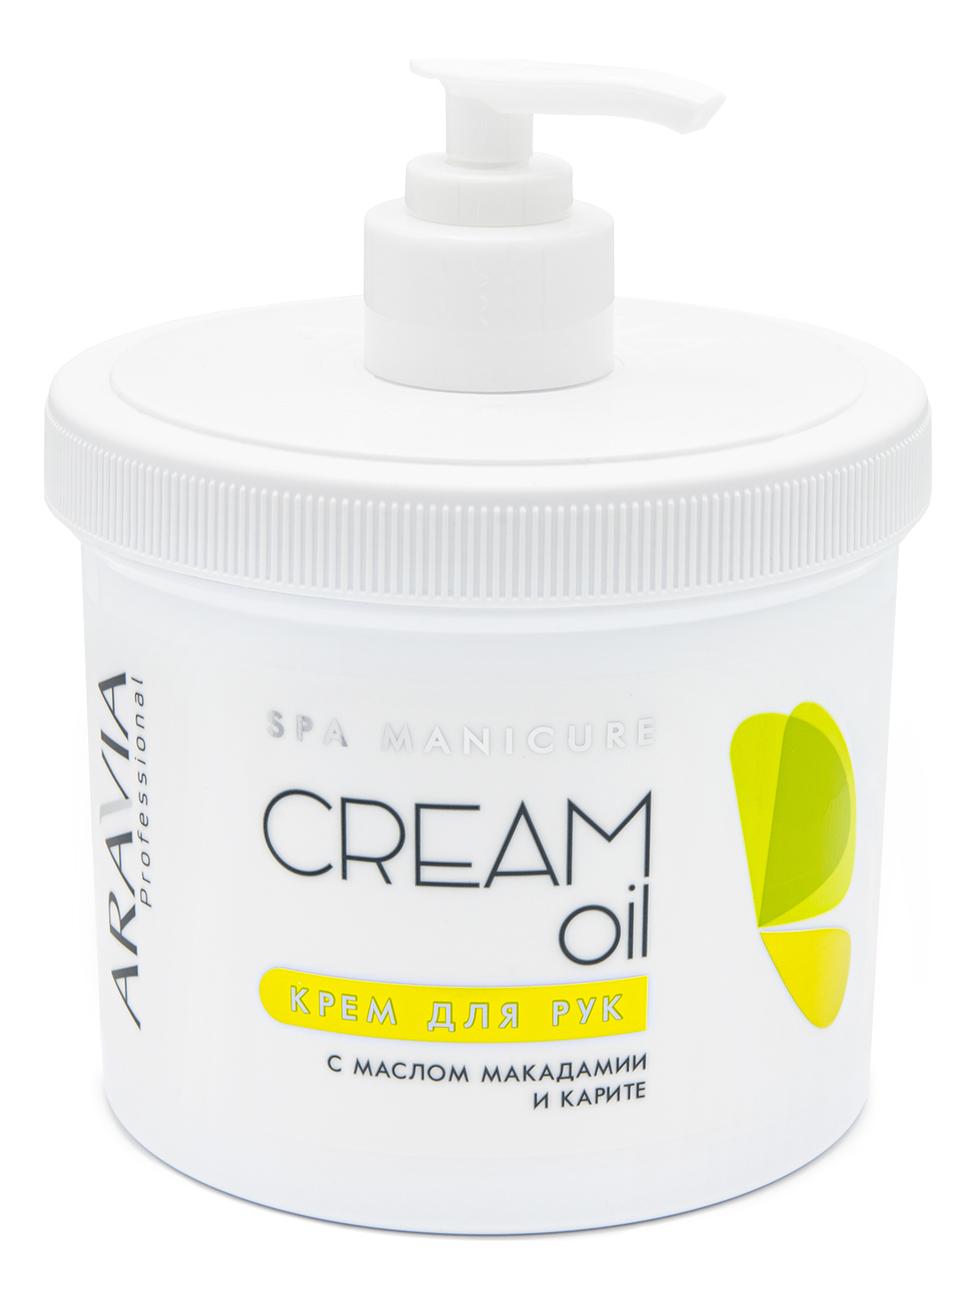 Крем для рук с маслом макадамии и карите Professional Cream Oil: Крем 550мл крем для рук с маслом арганы и сладкого миндаля professional cream oil 550мл